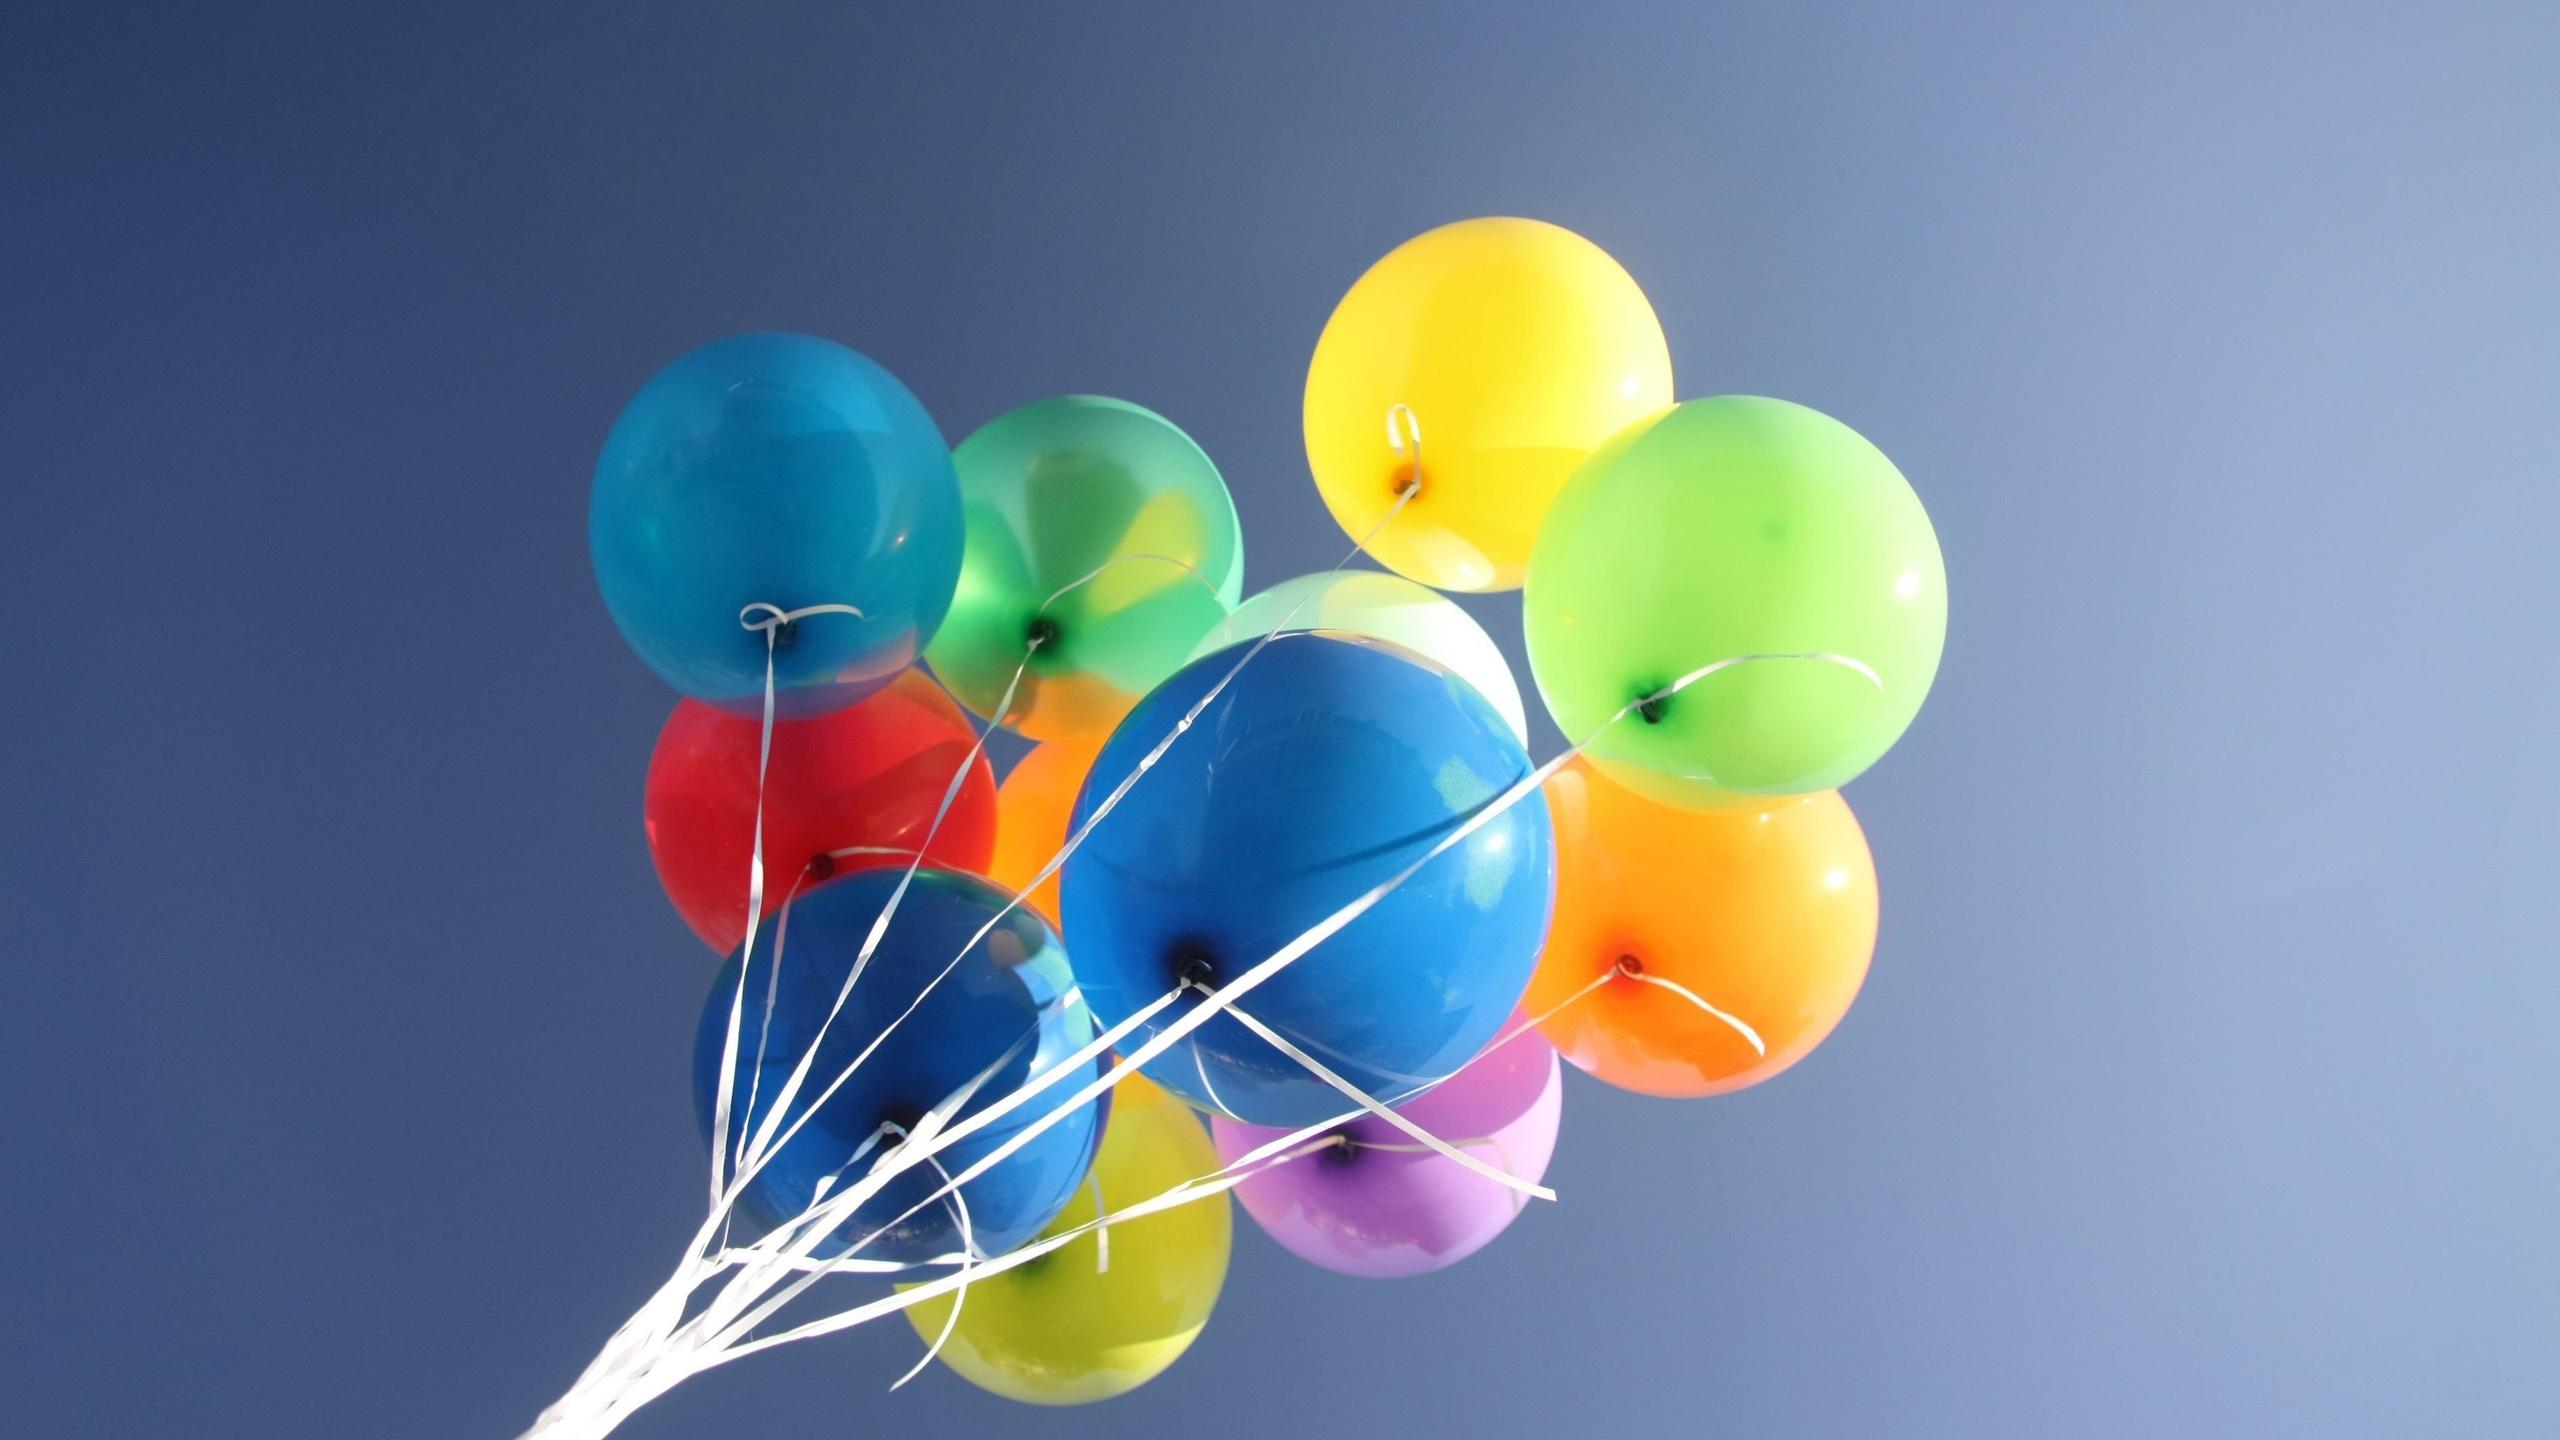 Fonds d 39 cran t l charger 2560x1440 ballons color s fond for Fond ecran qhd